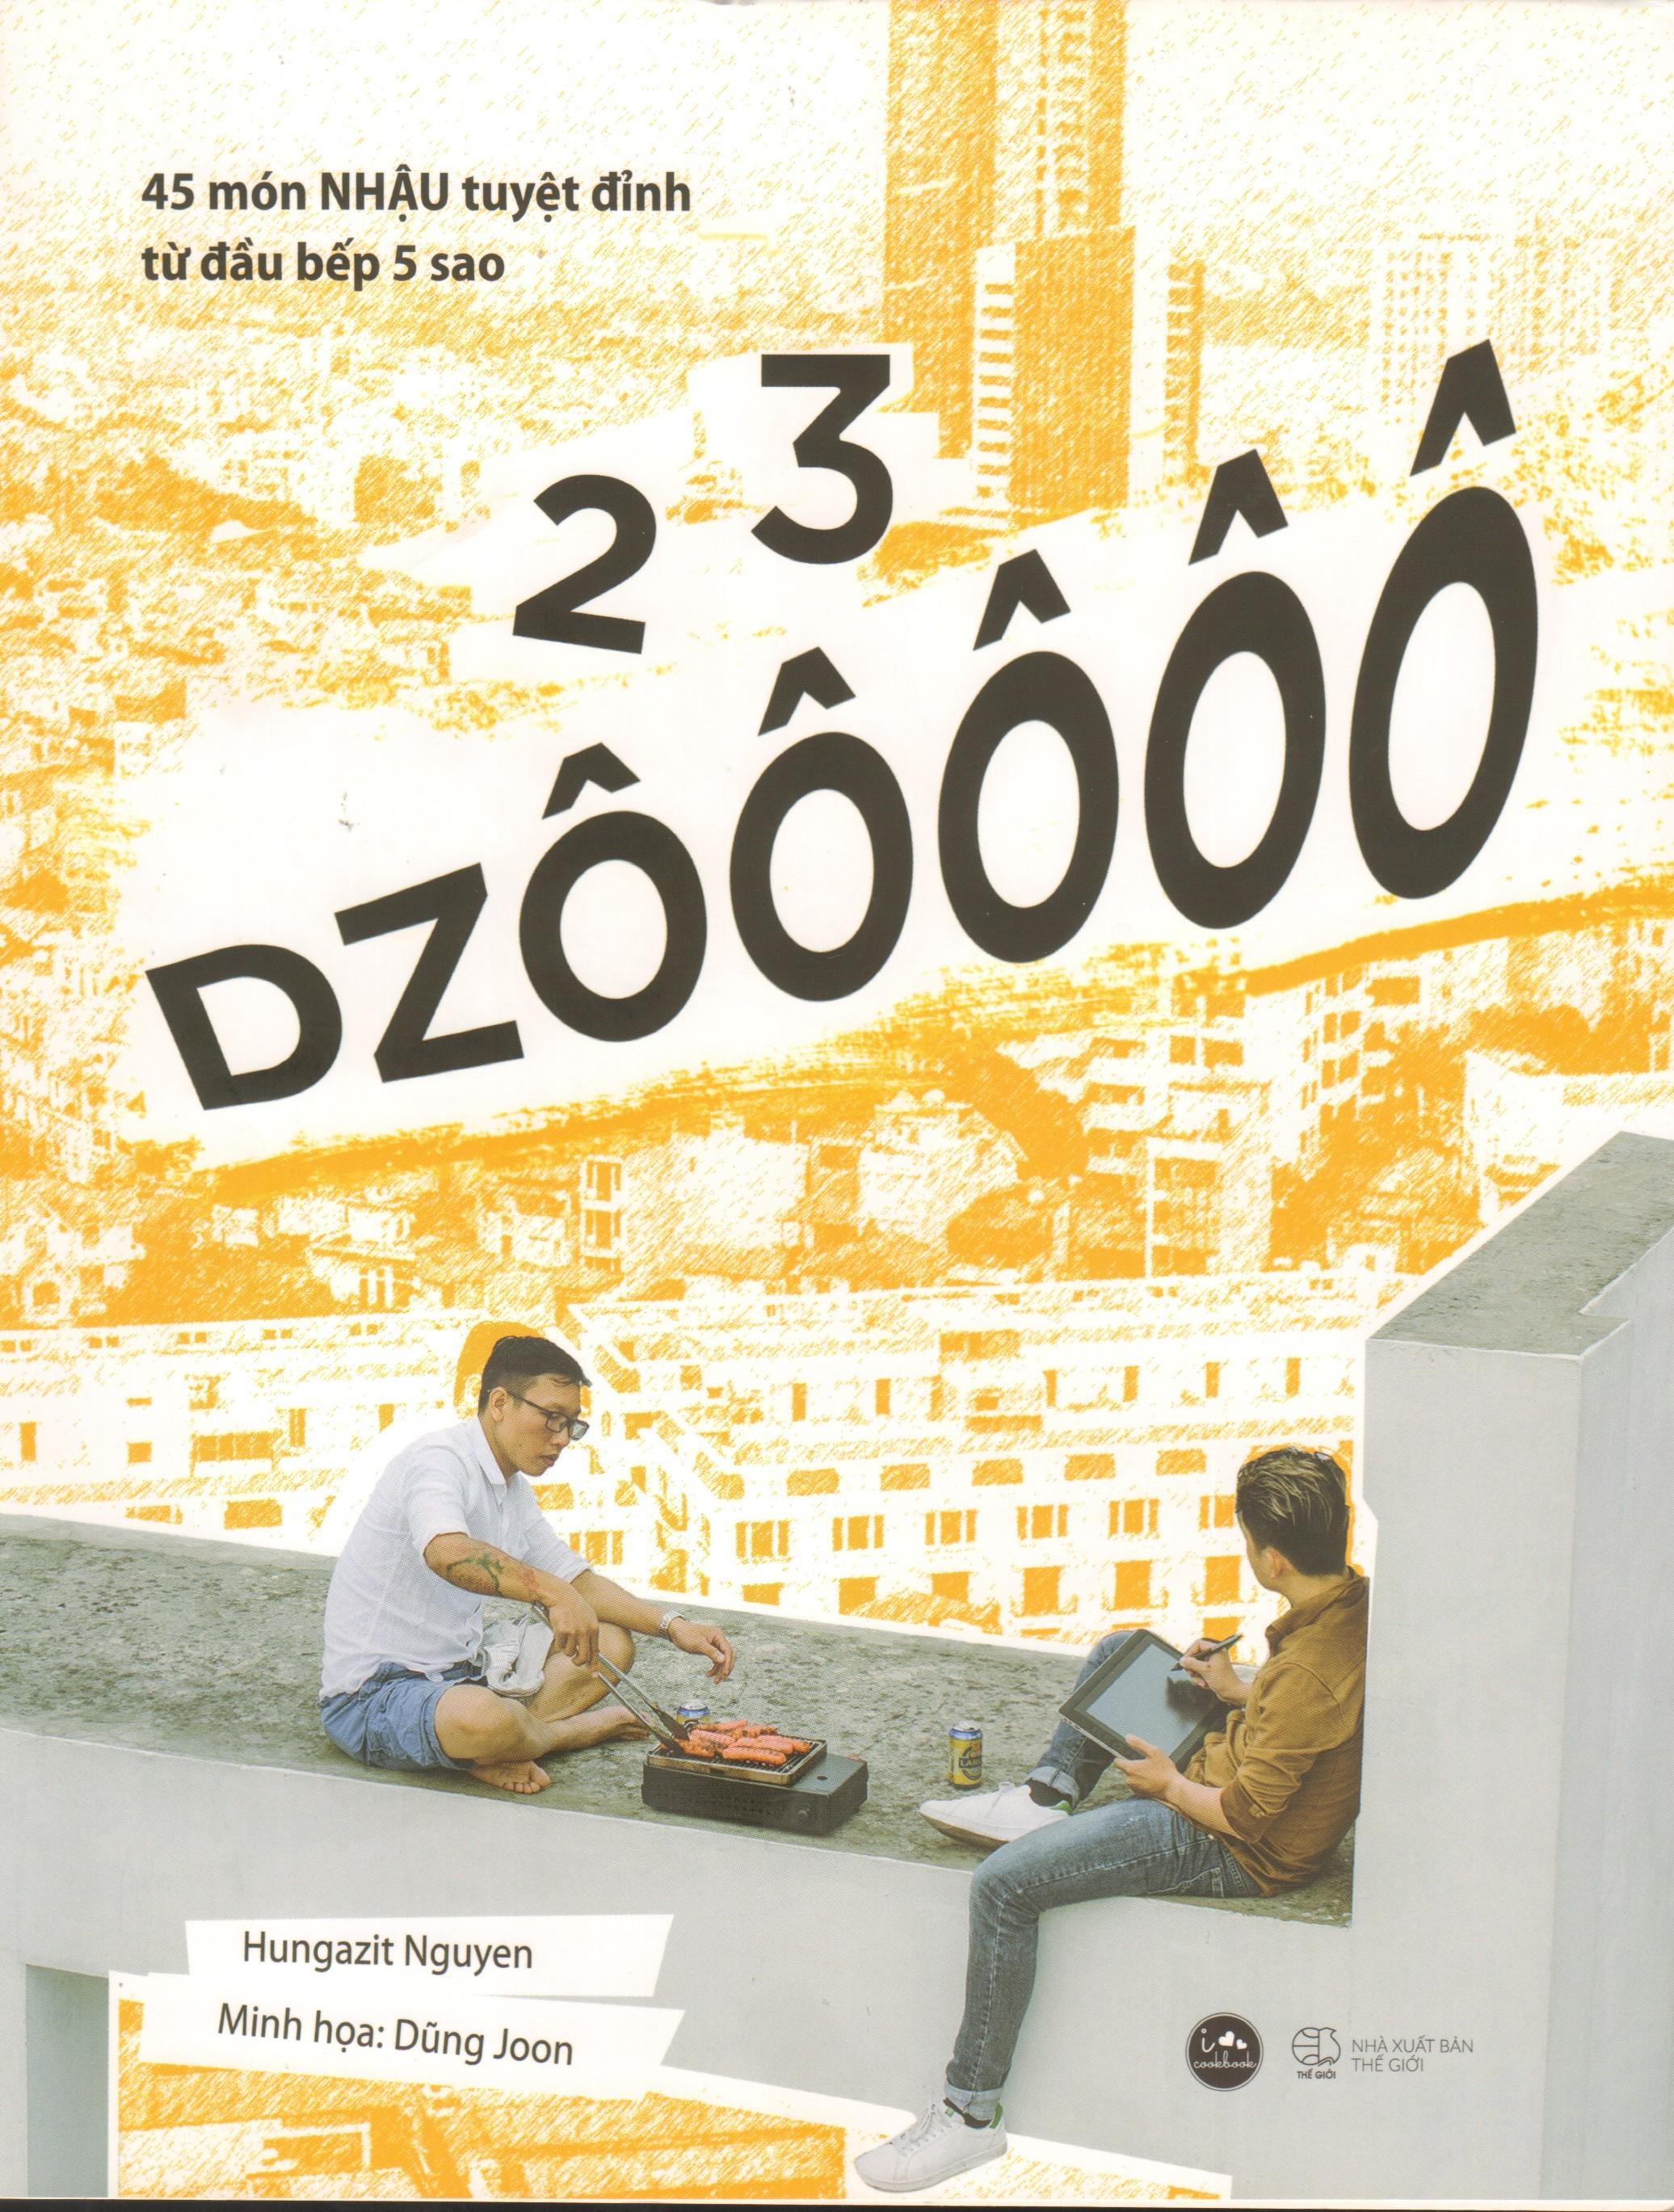 23 Dzooooo